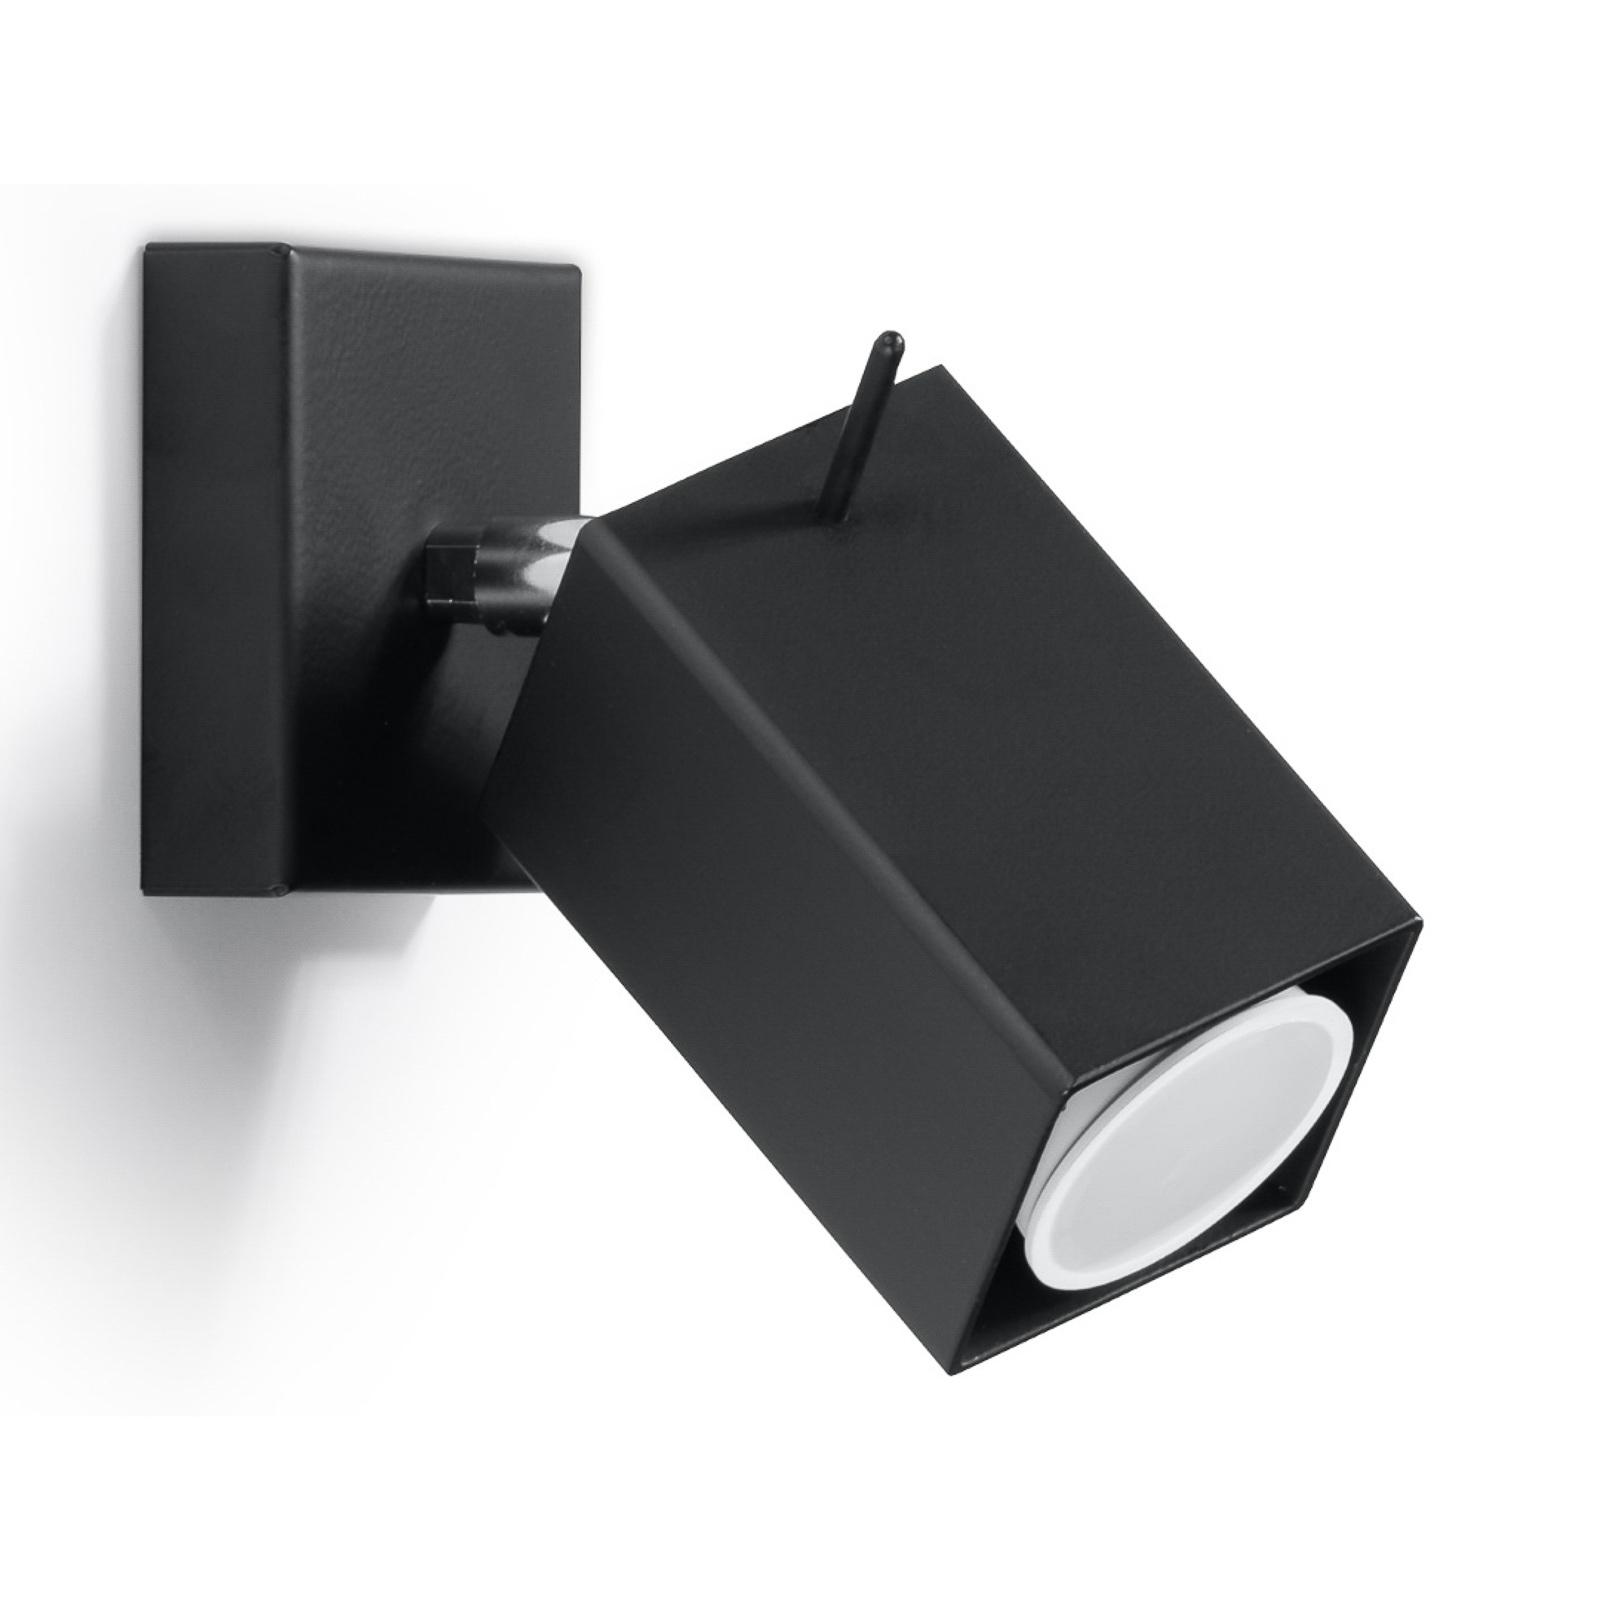 Seinäkohdevalaisin Square, musta, yksilamppuinen